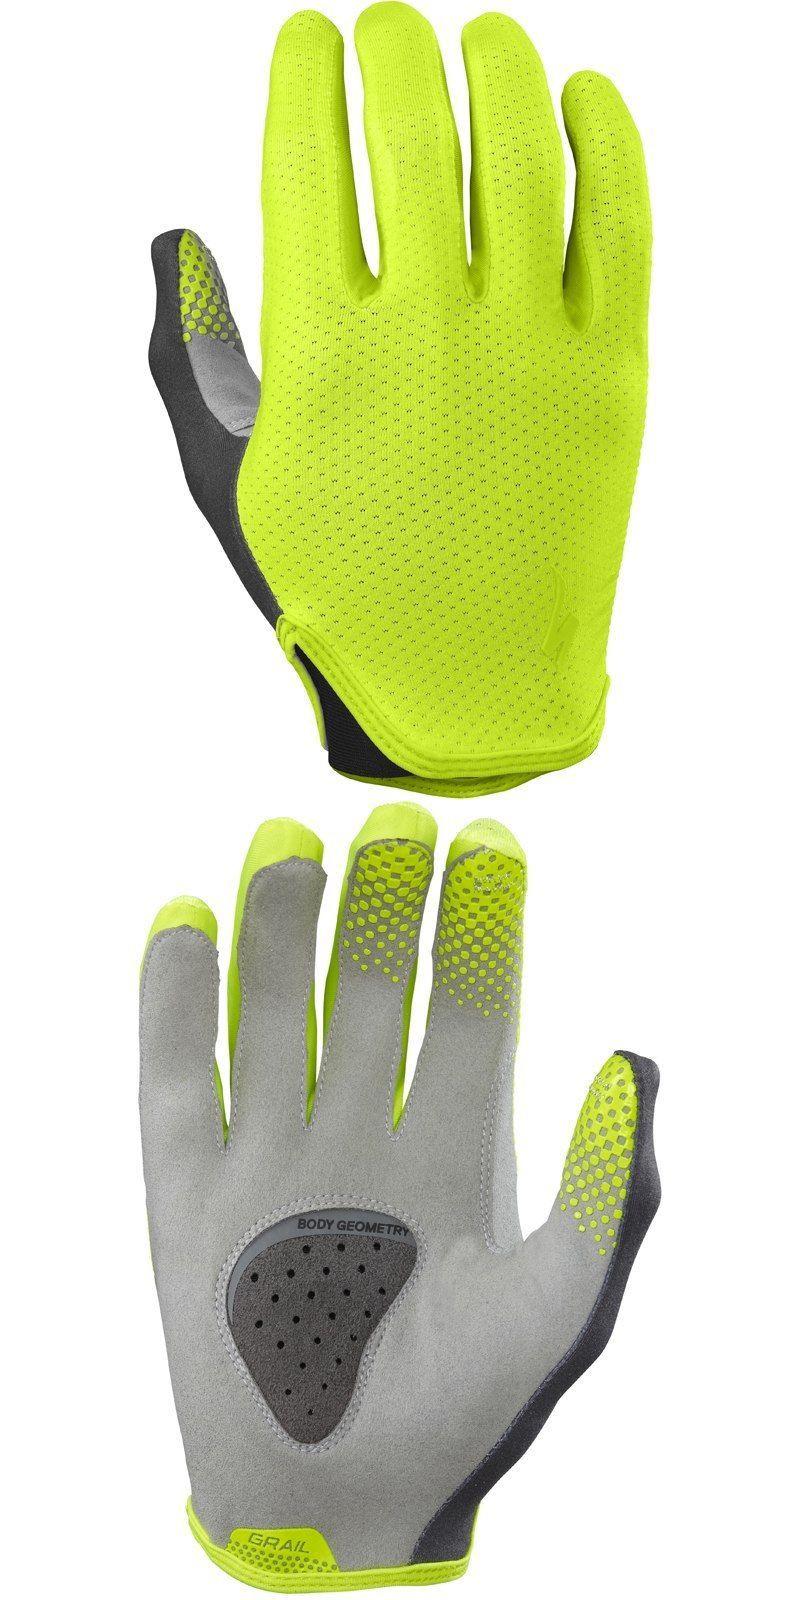 Gloves specialized body geometry grail wiretap long finger